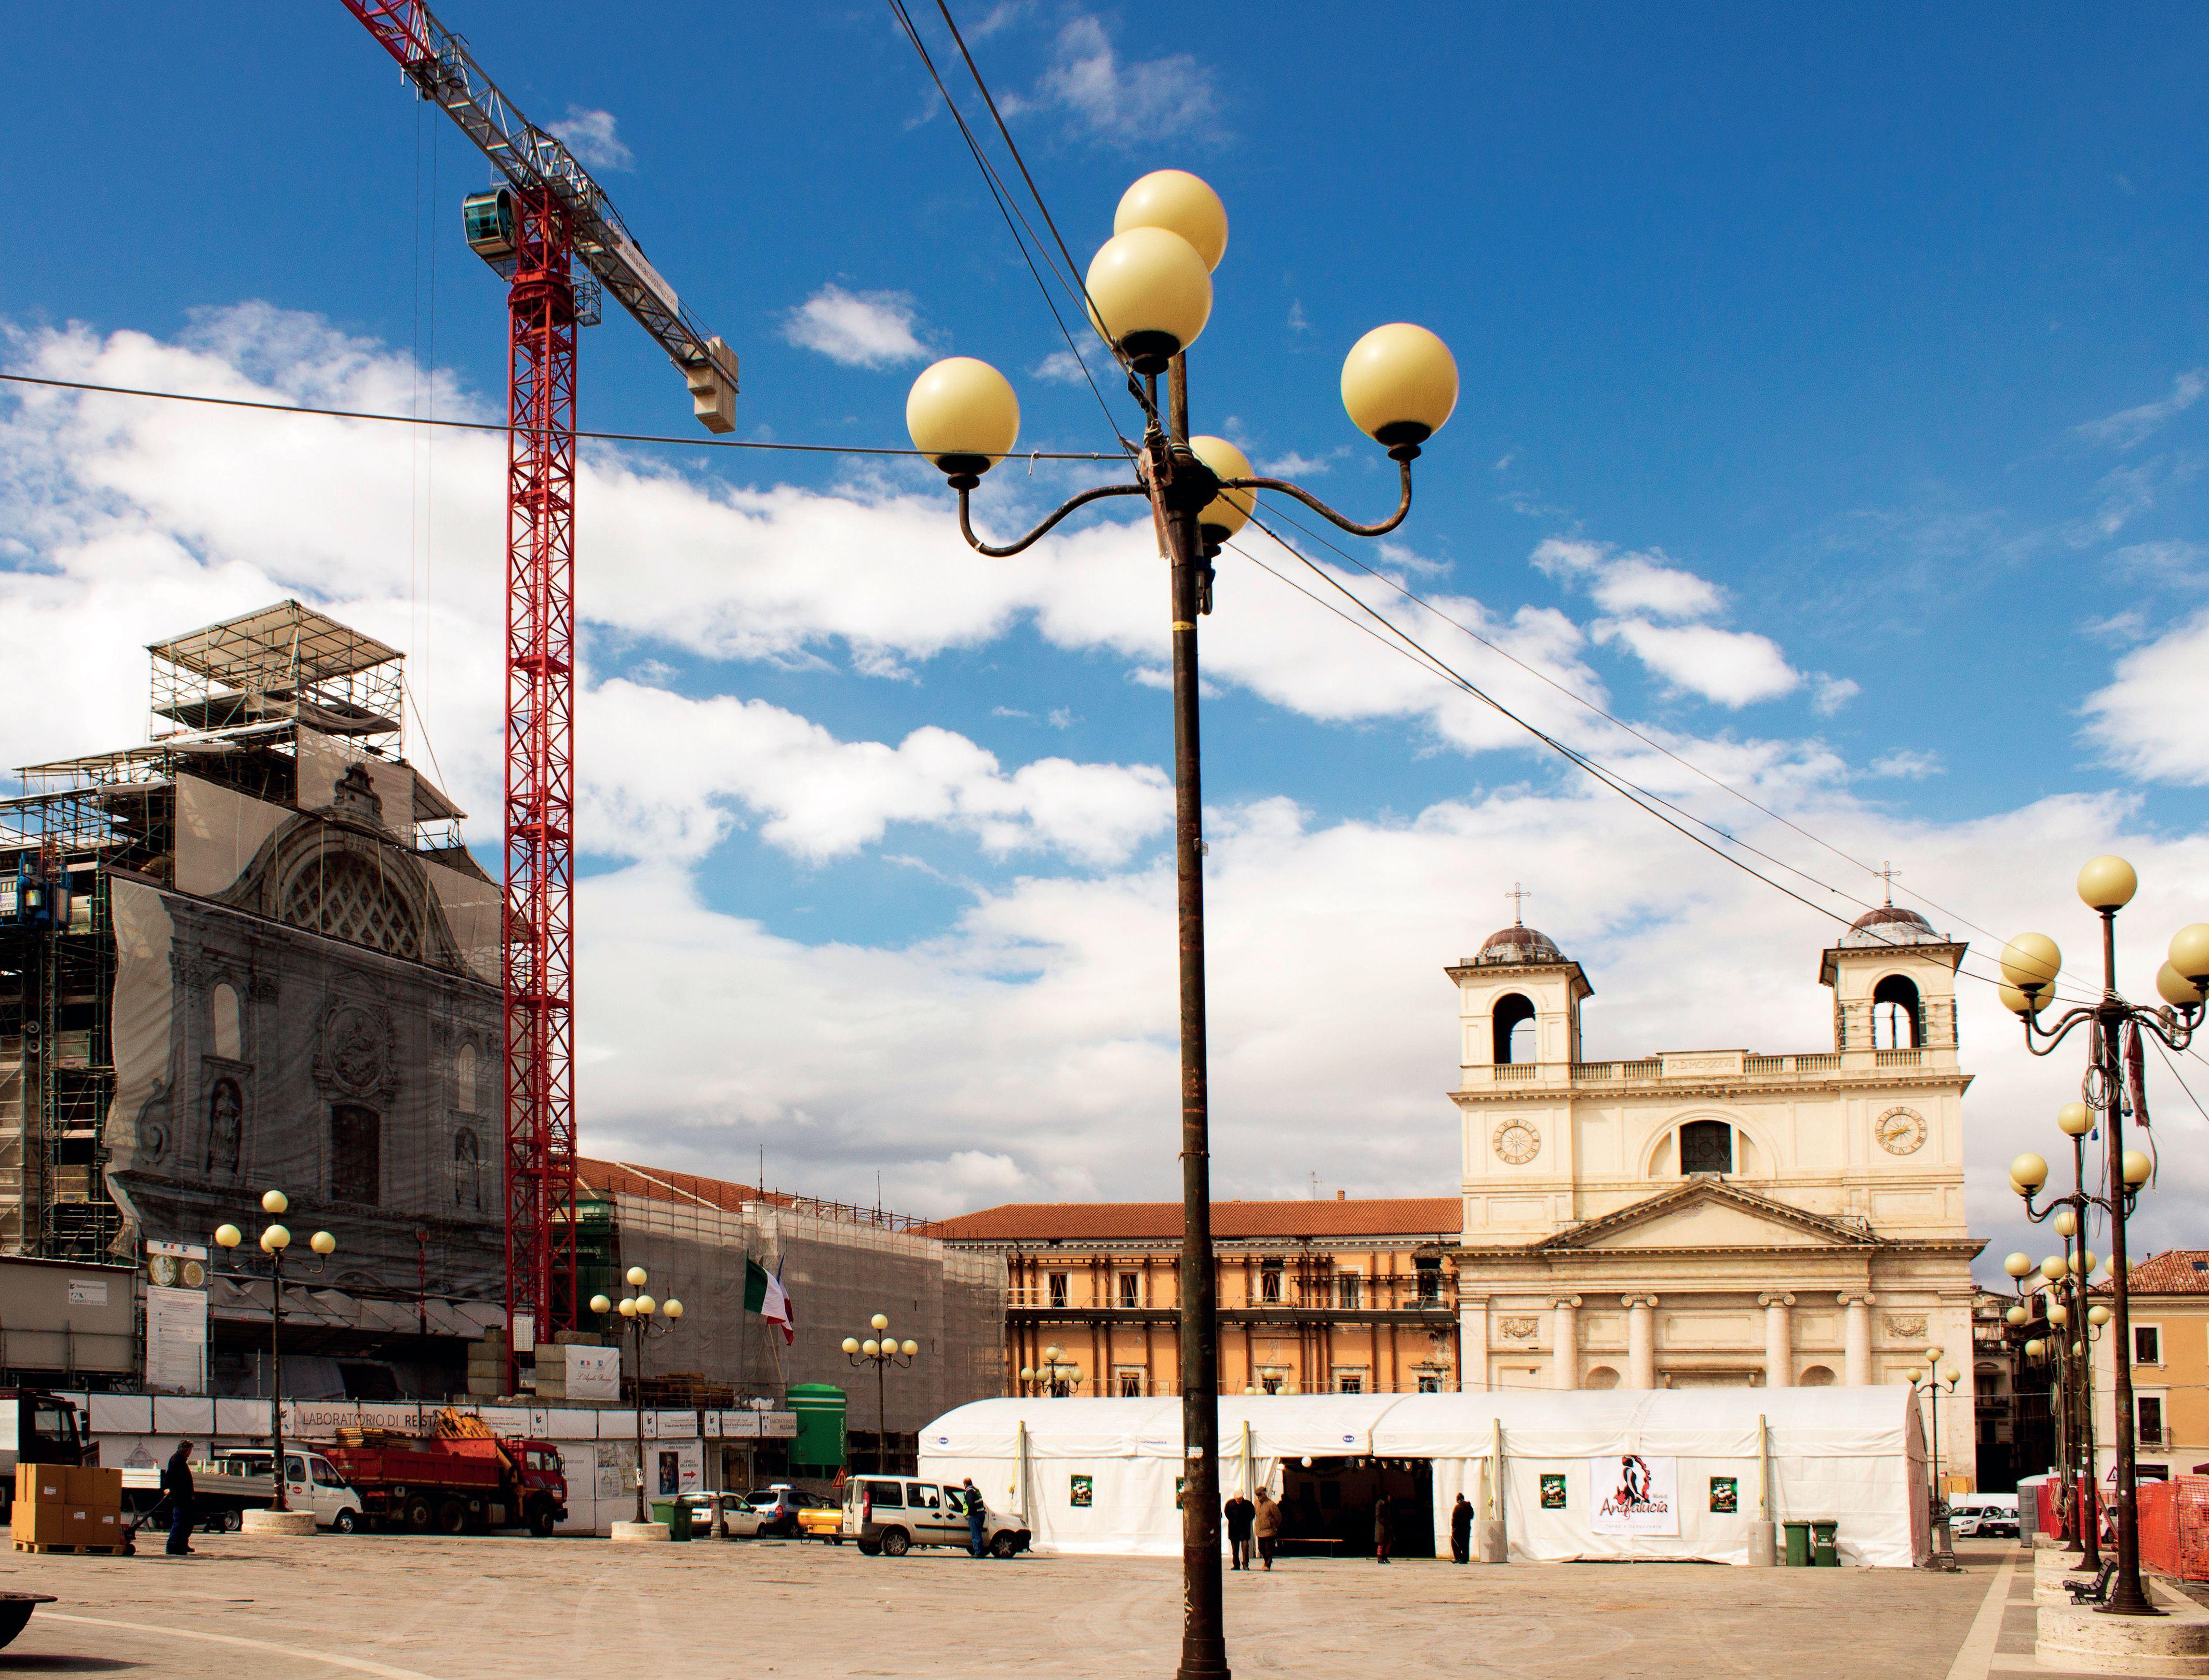 Sisma L'Aquila: ricostruzione sotto controllo